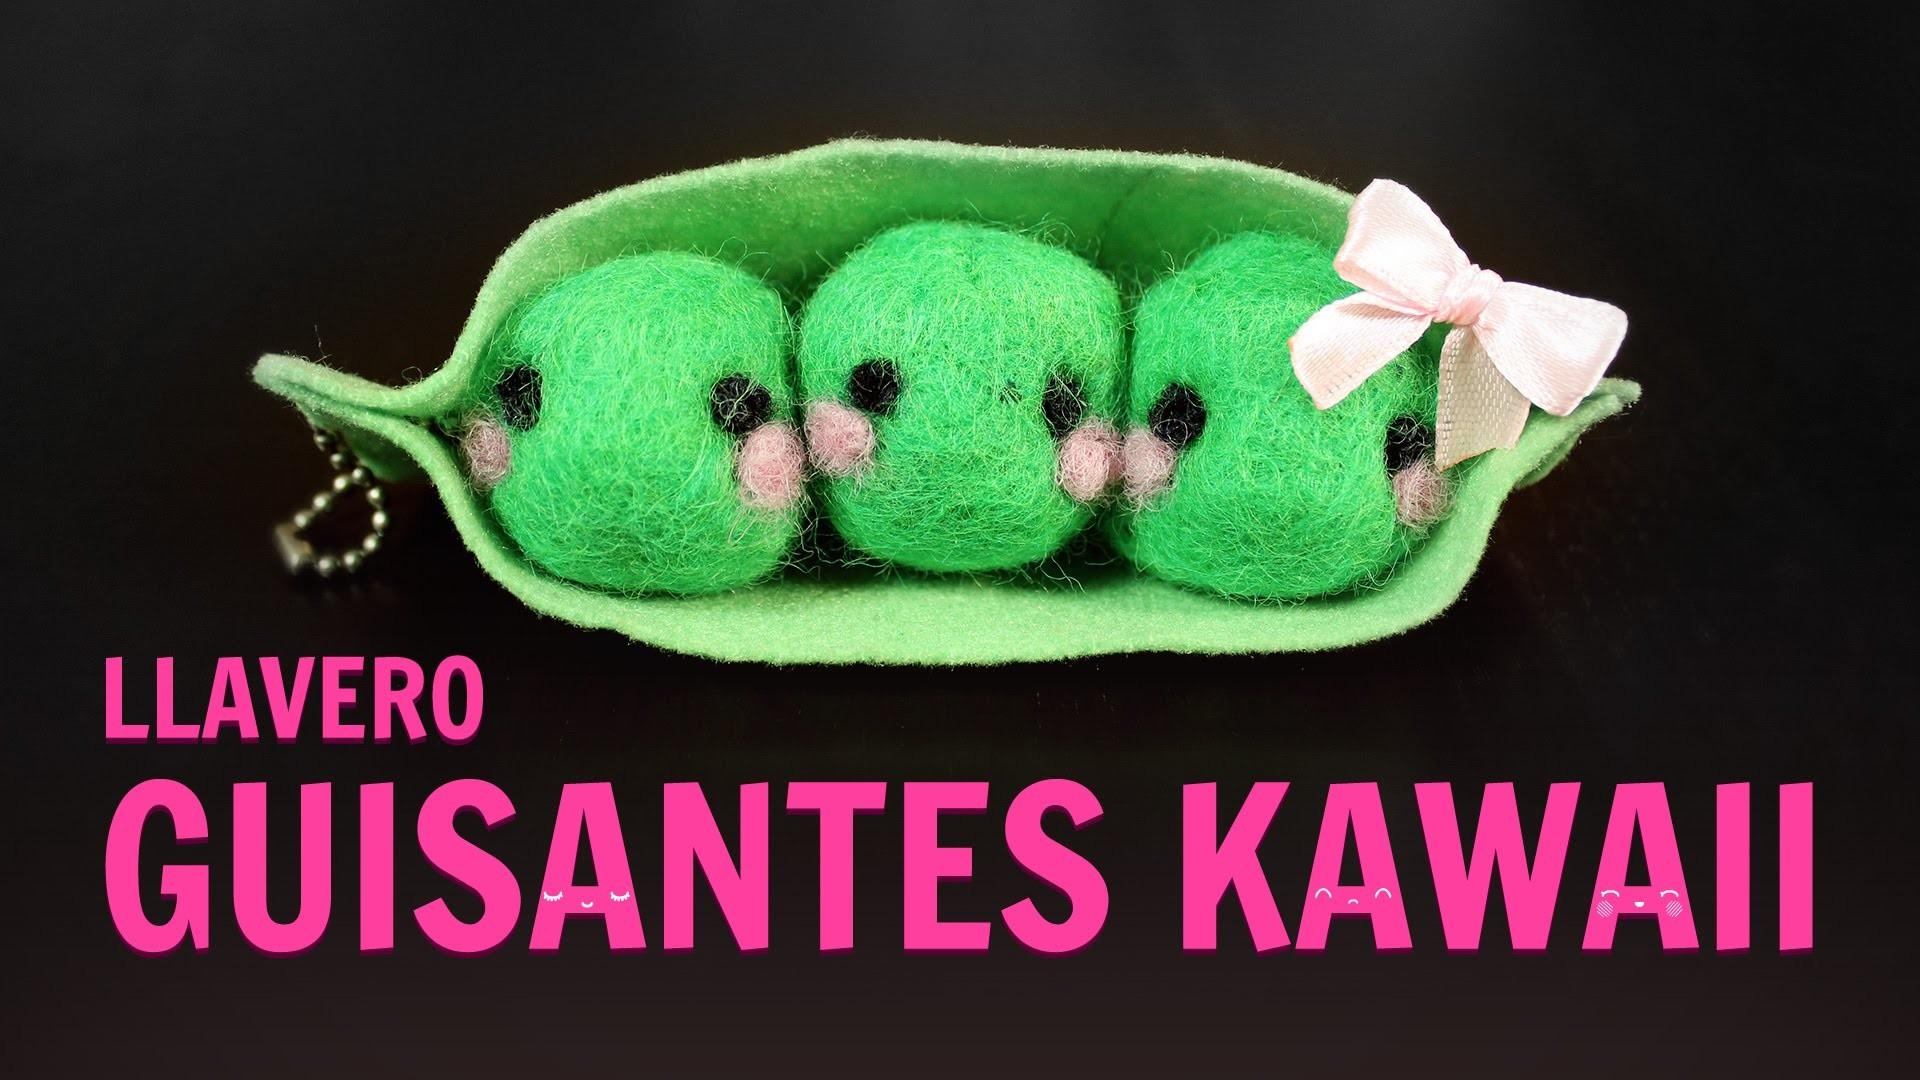 Vaina de guisantes kawaii (Manualidades con fieltro)